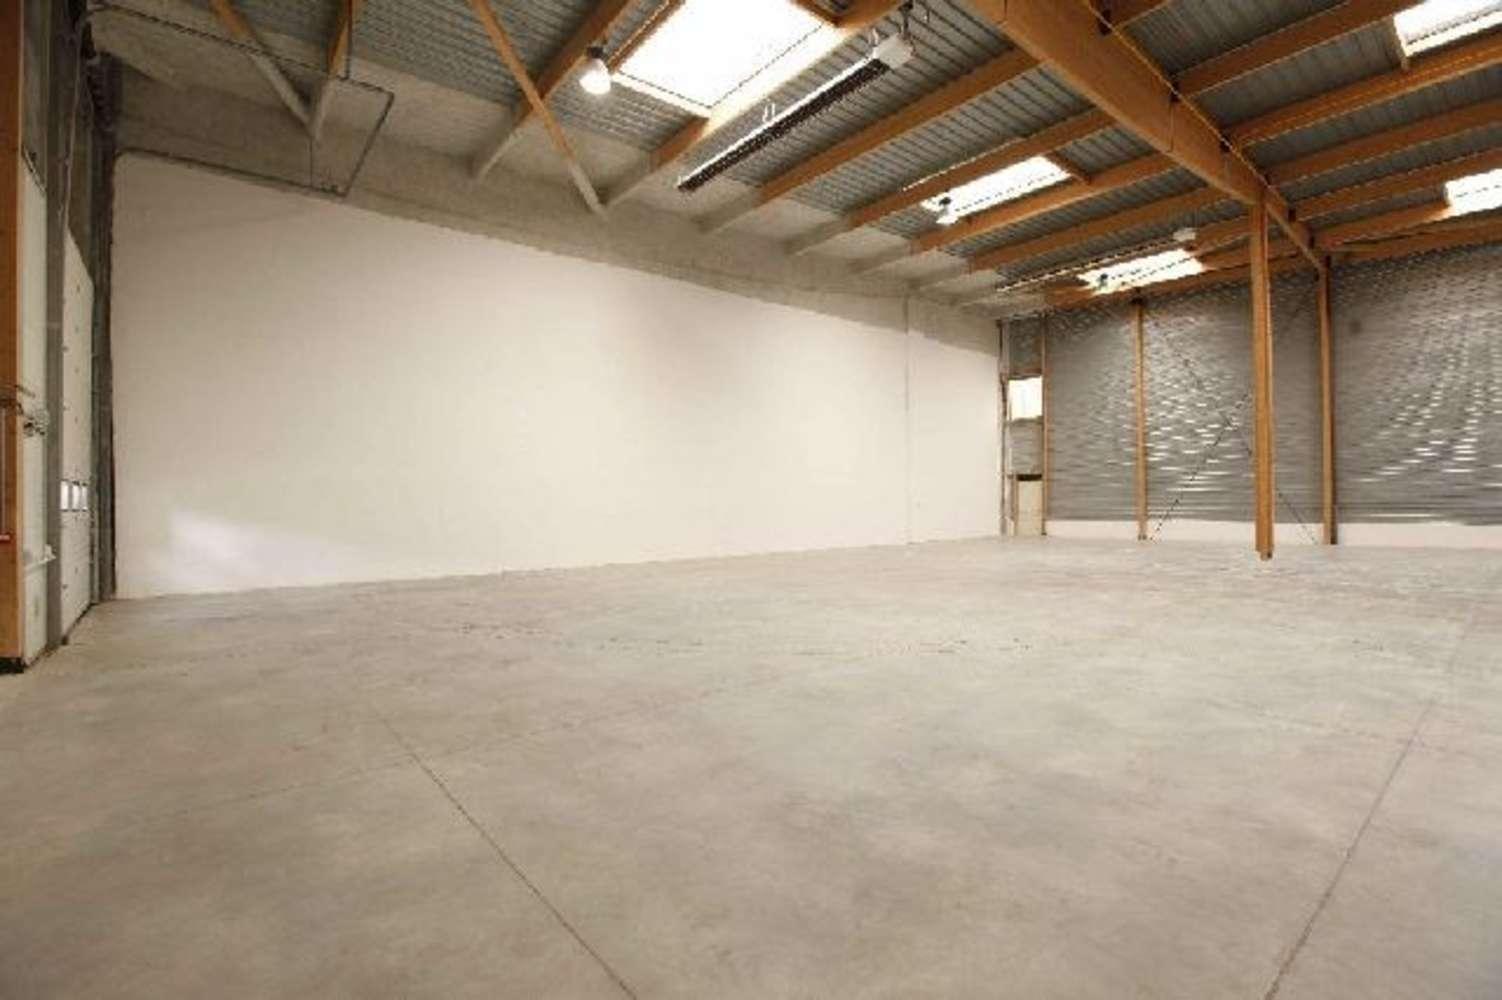 Activités/entrepôt Le bourget, 93350 - LE PARC DE L'ESPACE - 9457343